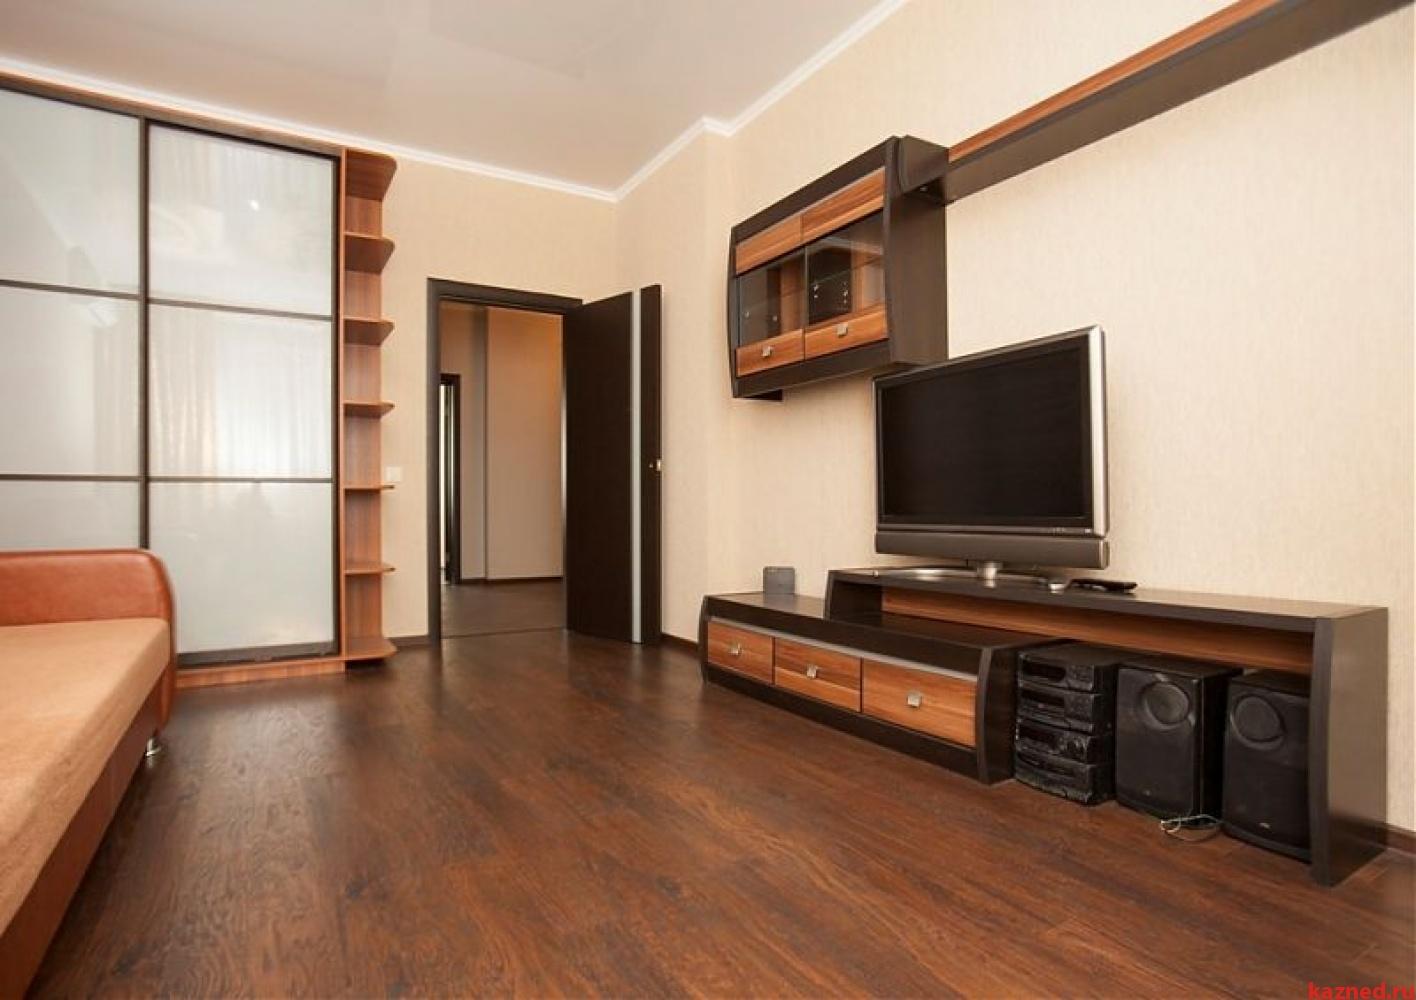 Посуточная аренда 2-к квартиры Чистопольская 71а, 75 м² (миниатюра №1)